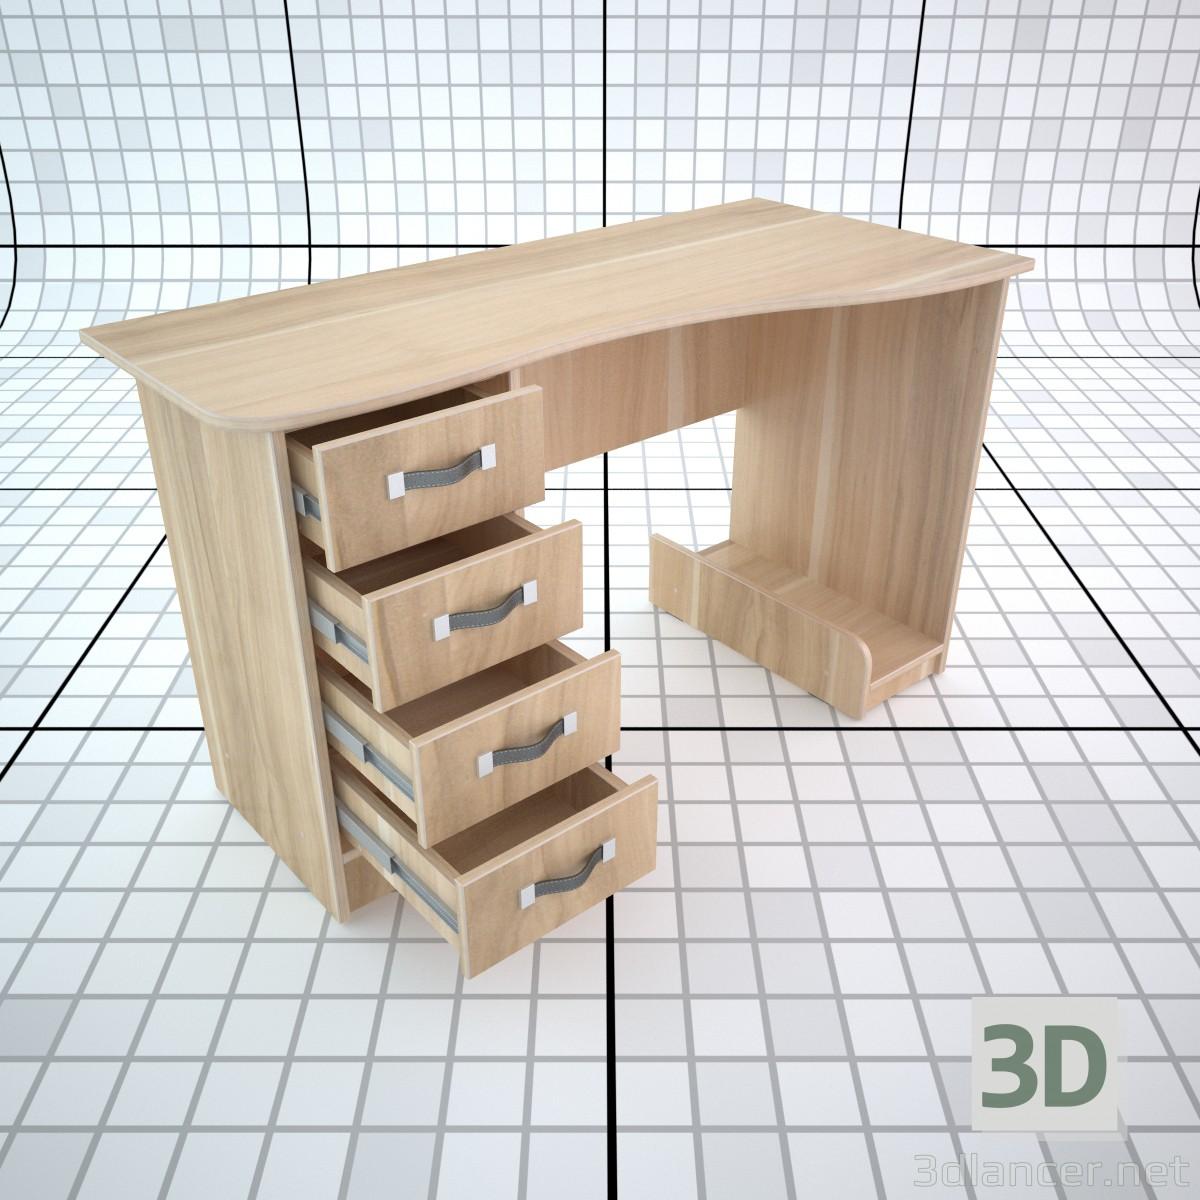 3D Resepsiyon IRIN modeli satın - render